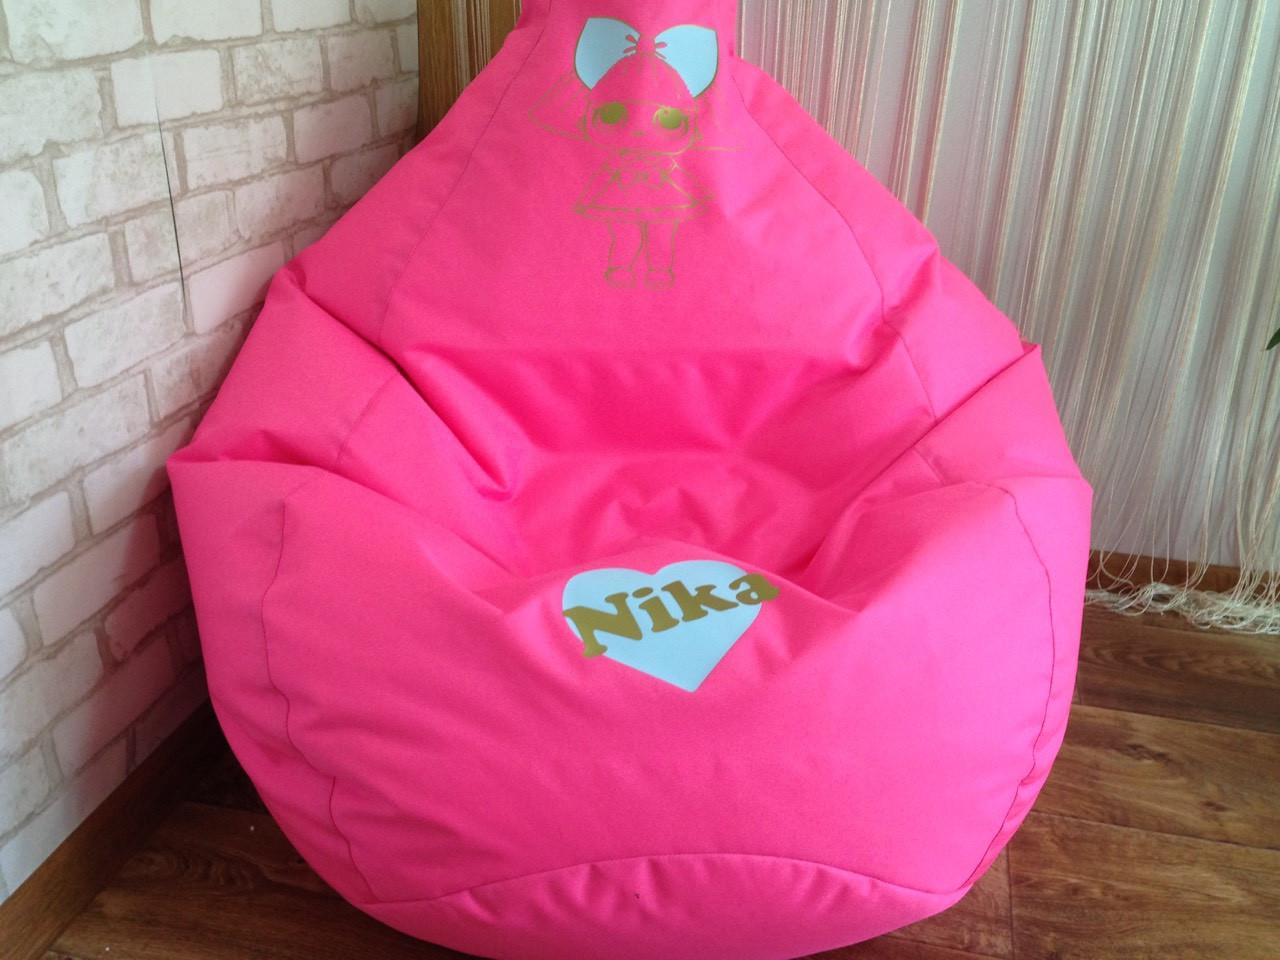 Комфортный Кресло мешок Бескаркасное кресло Груша Мягкий Пуф Кресло мяч ткань оксфорд 600 ПУ детская мебель